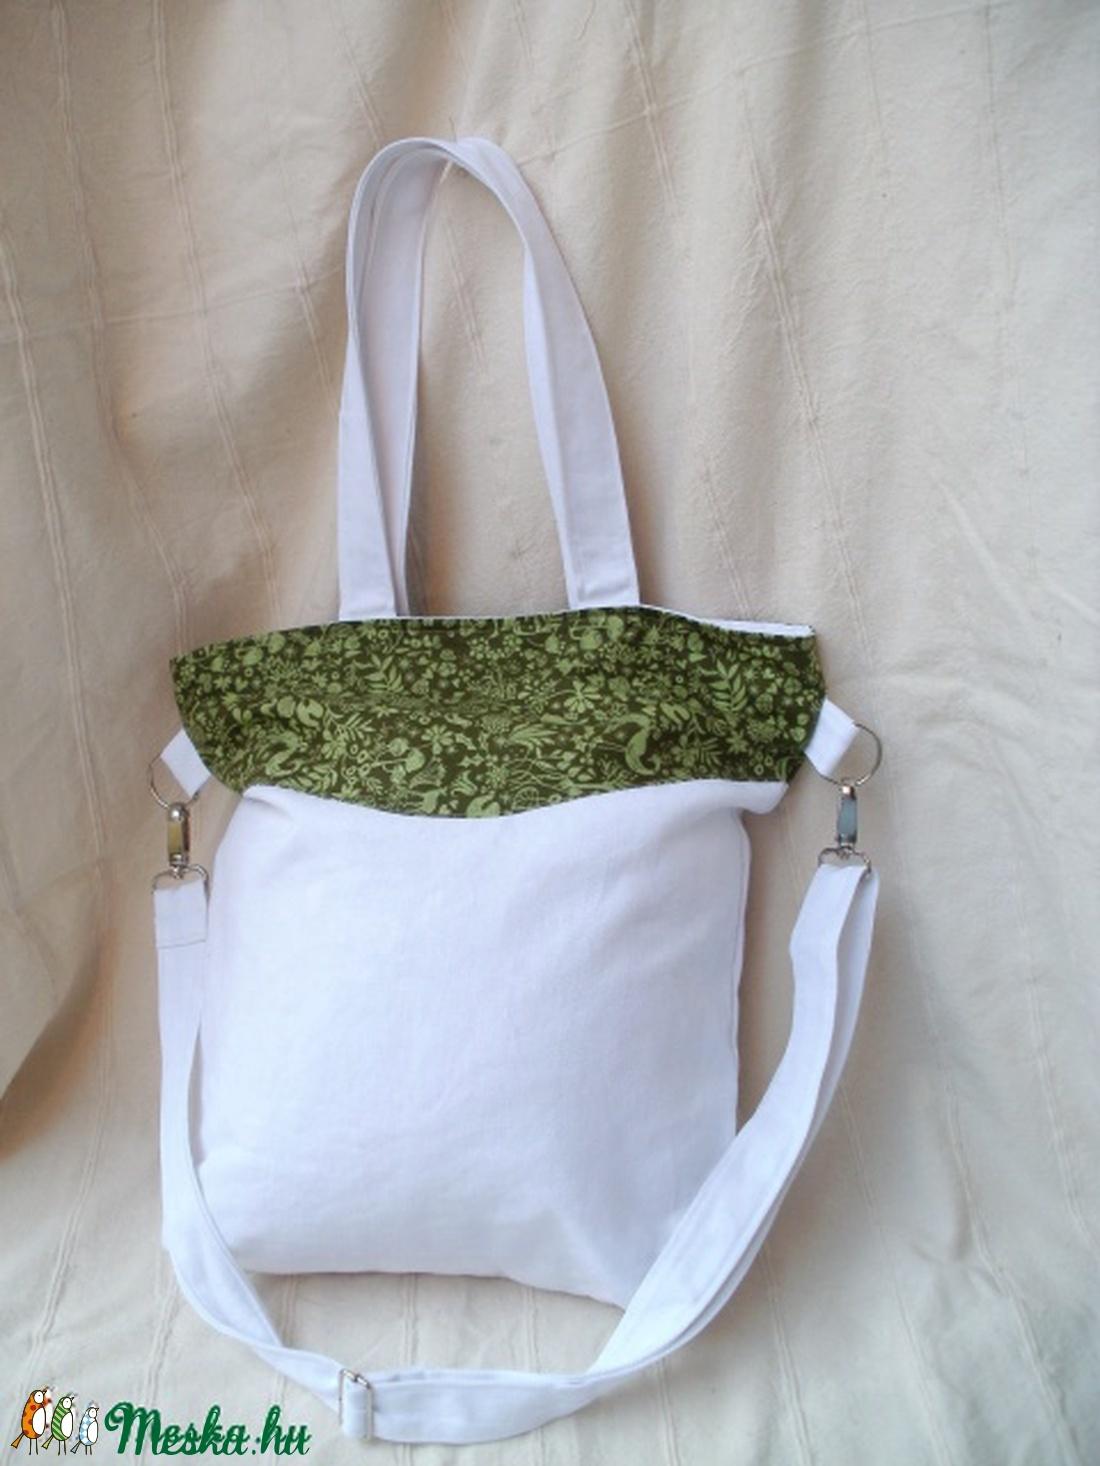 Fehér - zöld vászon pakolós táska (Szundilla) - Meska.hu 066c141dcc